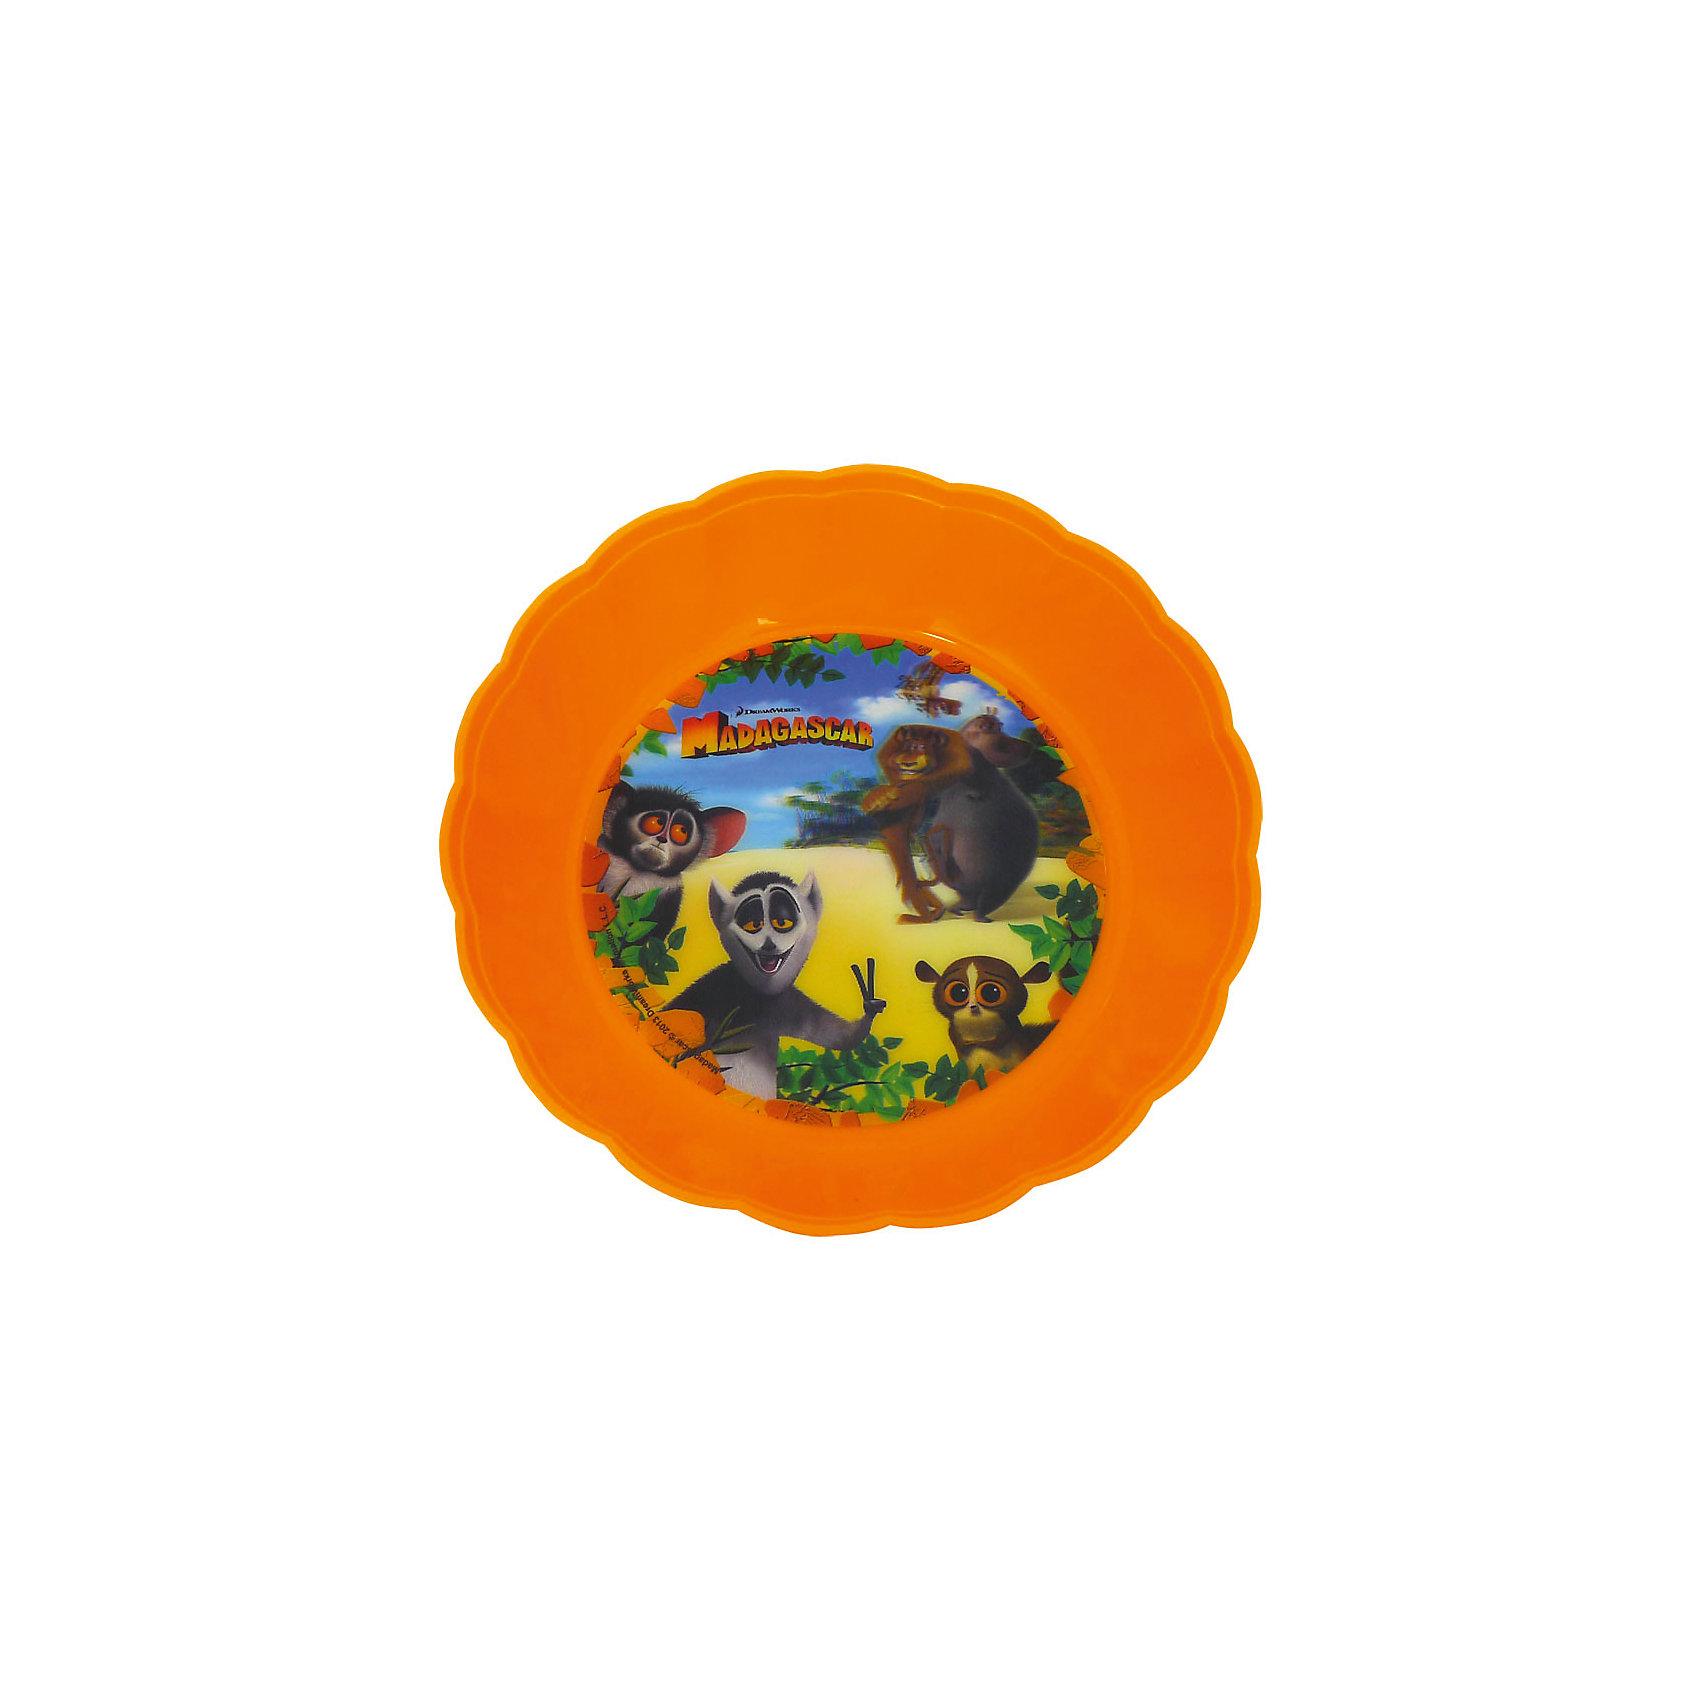 Глубокая тарелка (диаметр 18 см), МадагаскарЯркая привлекательная посуда с симпатичными персонажами поможет ребенку быстрее освоить навыки самостоятельного питания. Глубокая тарелка Мадагаскар с красочными рисунками выполнена из безопасного пищевого пластика и выдерживает горячую пищу. Дно украшено стерео изображениями забавных животных из популярного мультфильма Мадагаскар (Madagascar), несмываемый рисунок находится под прозрачной пластиковой пленкой, поэтому тарелка надолго сохранит свои яркие цвета.<br><br>Дополнительная информация:<br><br>- Материал: пластик.<br>- Диаметр: 18 см.<br>- Размер тарелки: 18 х 18 х 4,5 см.<br>- Вес: 62 гр.<br><br>Глубокую тарелку, Мадагаскар, можно купить в нашем интернет-магазине.<br><br>Ширина мм: 180<br>Глубина мм: 180<br>Высота мм: 45<br>Вес г: 62<br>Возраст от месяцев: 36<br>Возраст до месяцев: 144<br>Пол: Унисекс<br>Возраст: Детский<br>SKU: 4018086